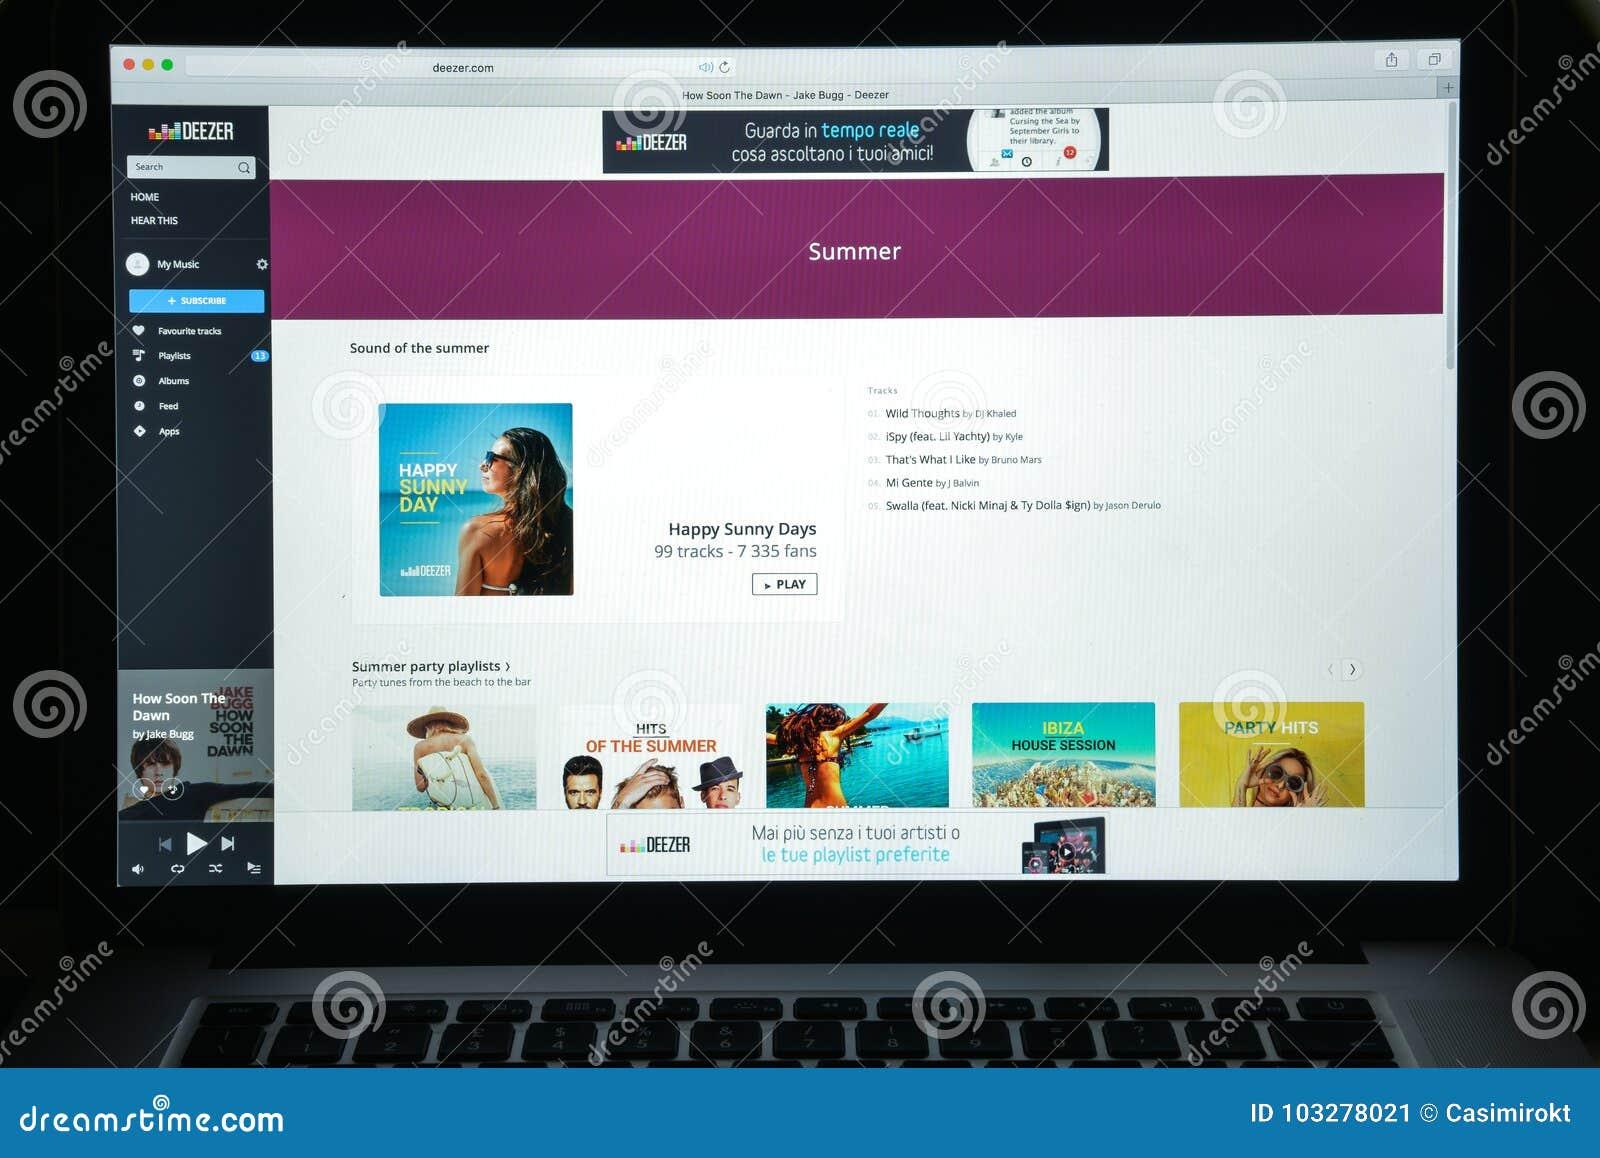 Deezer Homepage